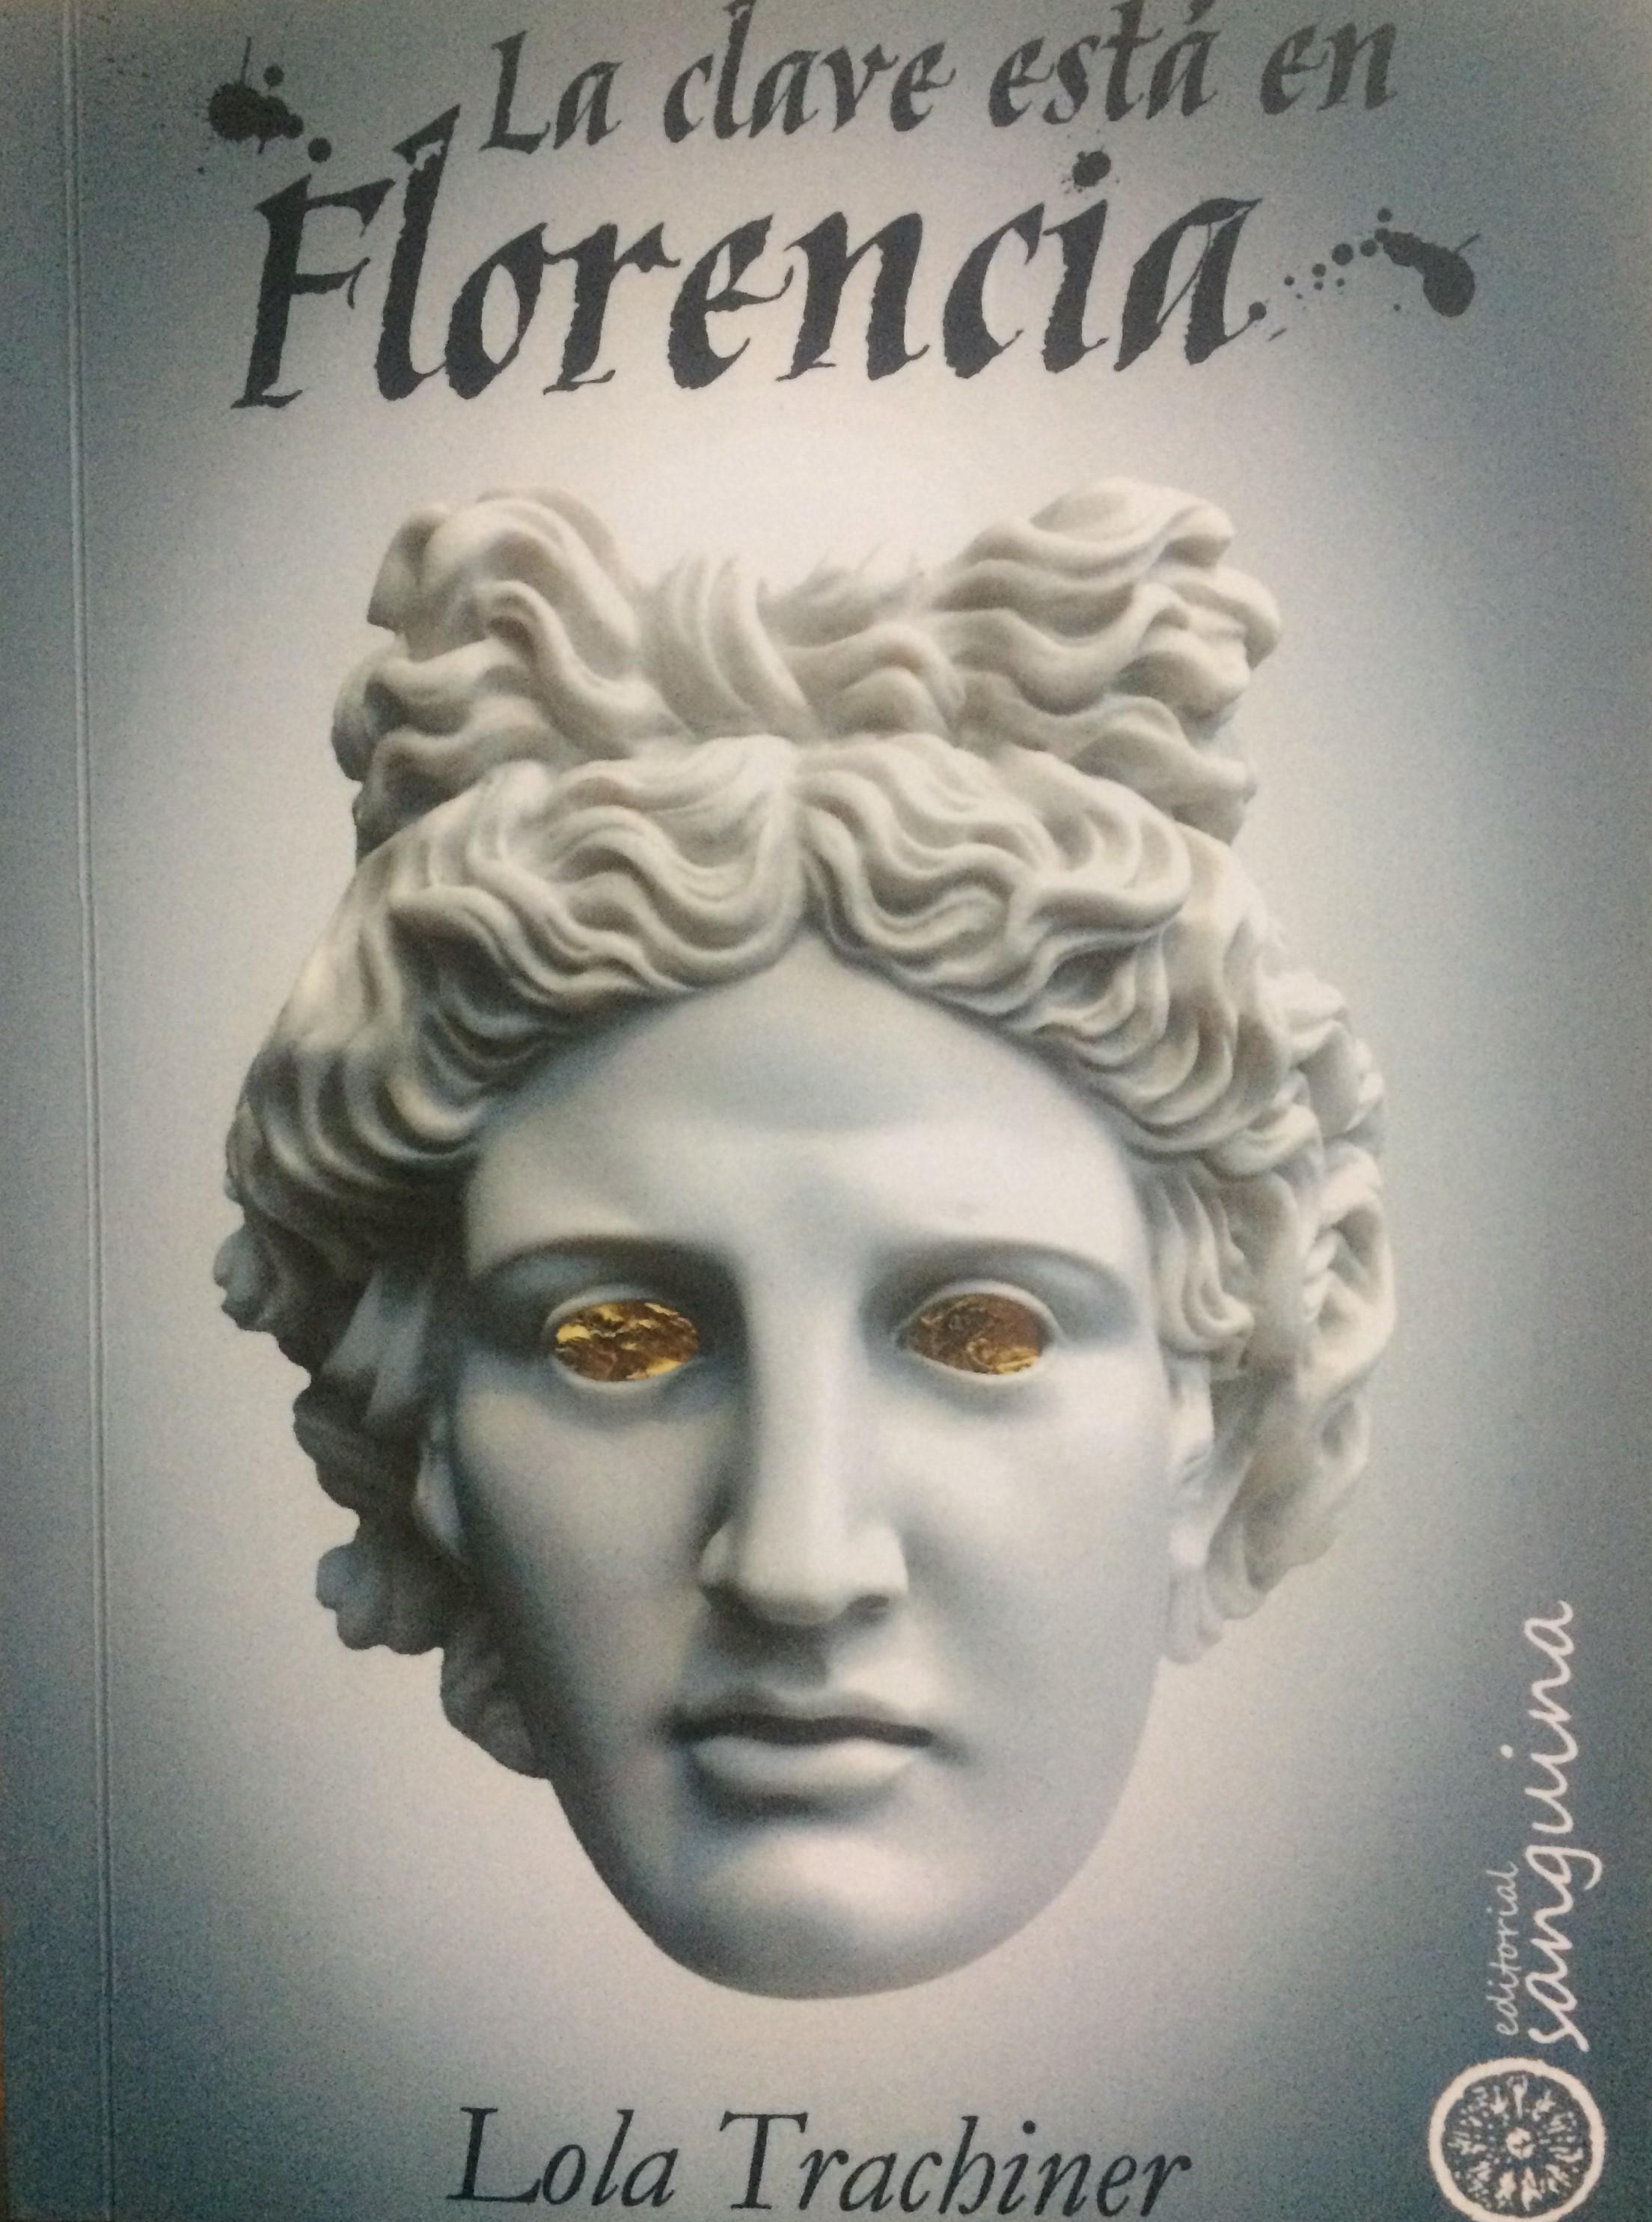 La clave está en Florencia